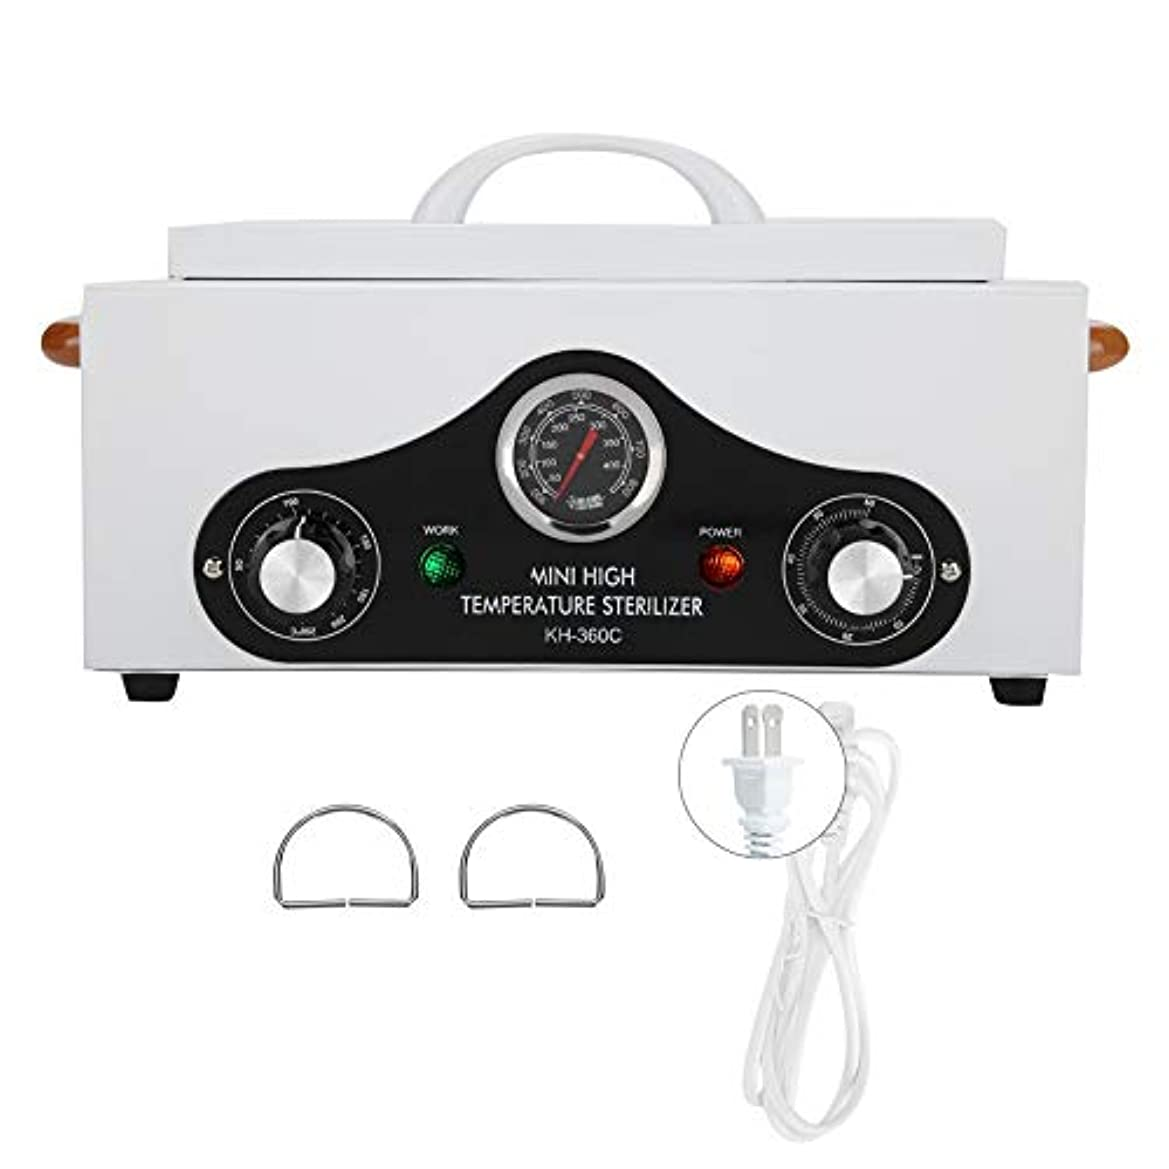 オープニング持っている大学生高温滅菌器、消毒キャビネットビューティーサロンスパインストゥルメントクリーニングツール(USプラグ110V)